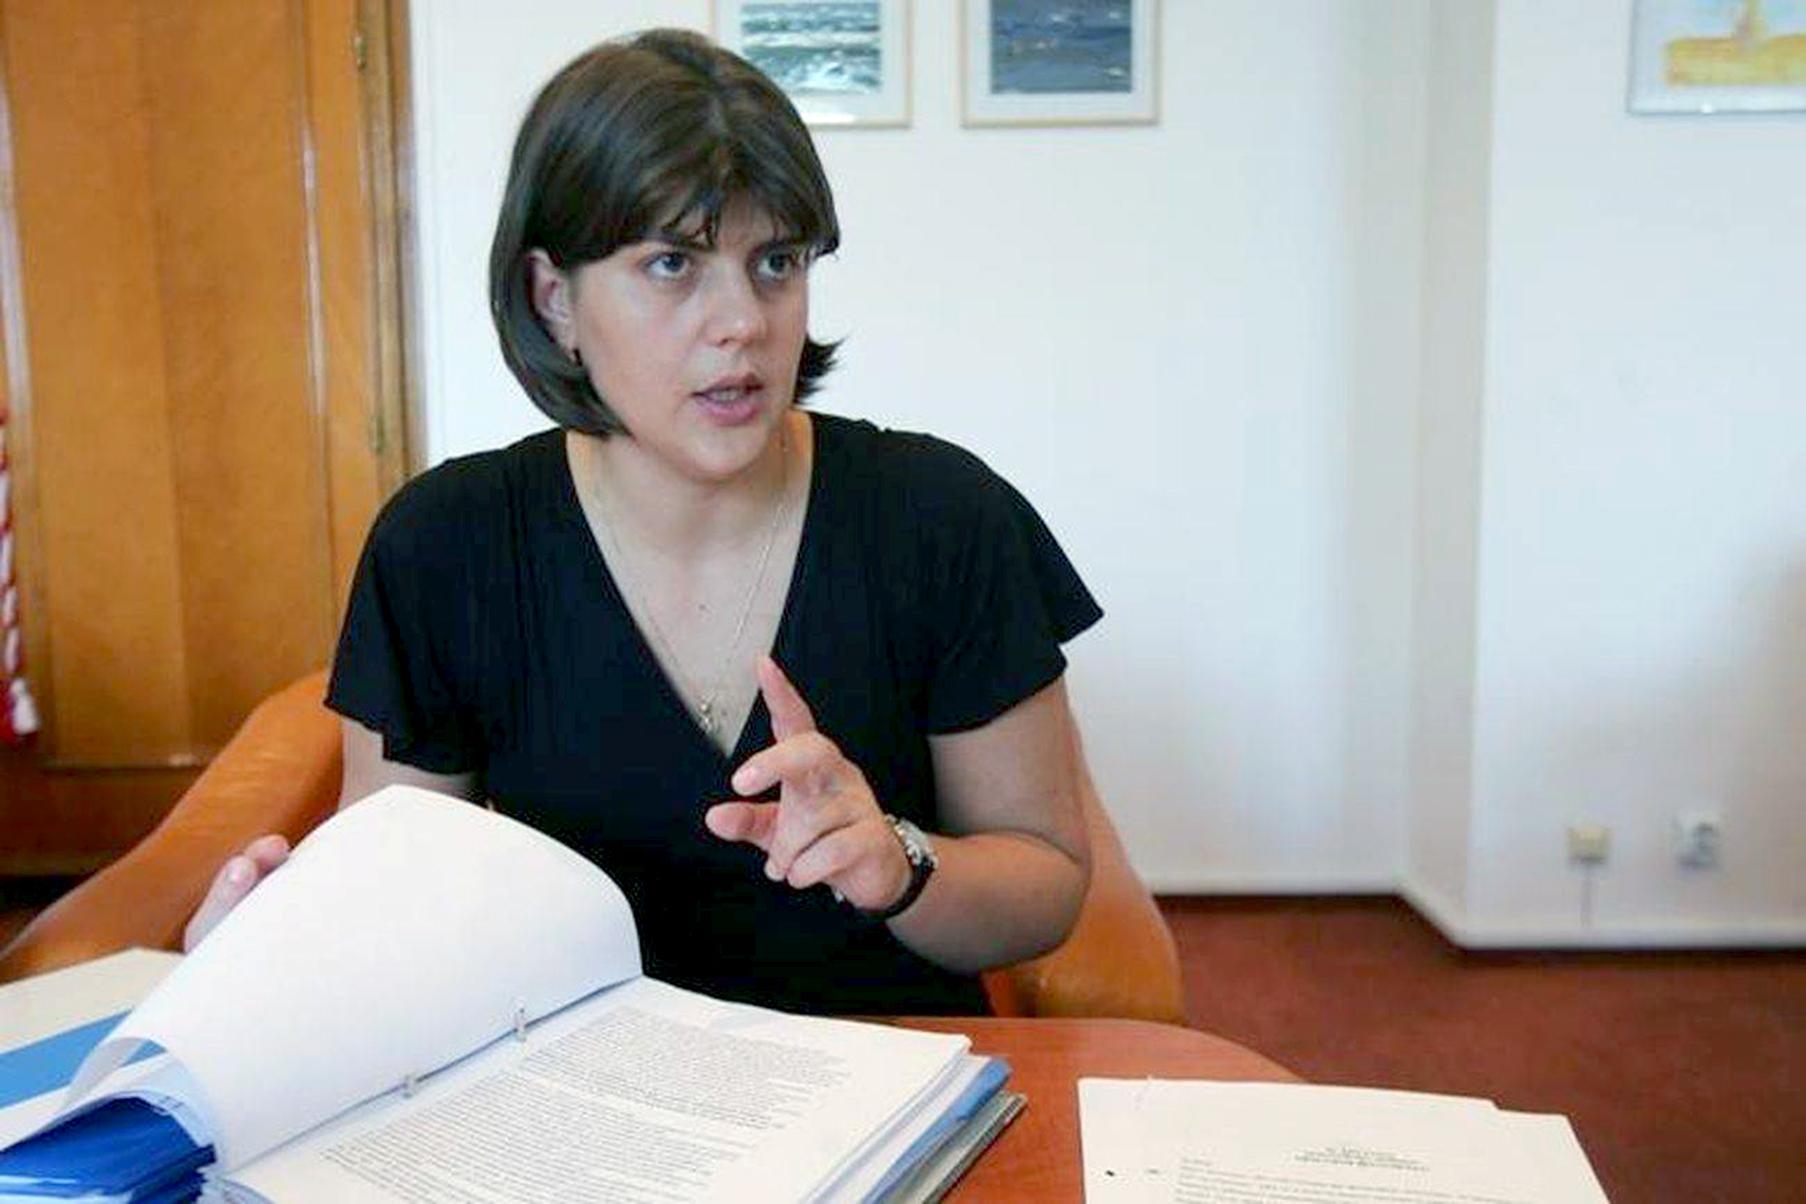 Răspunsul Laurei Codruța Kovesi la întrebarea dacă vrea despăgubiri la CEDO